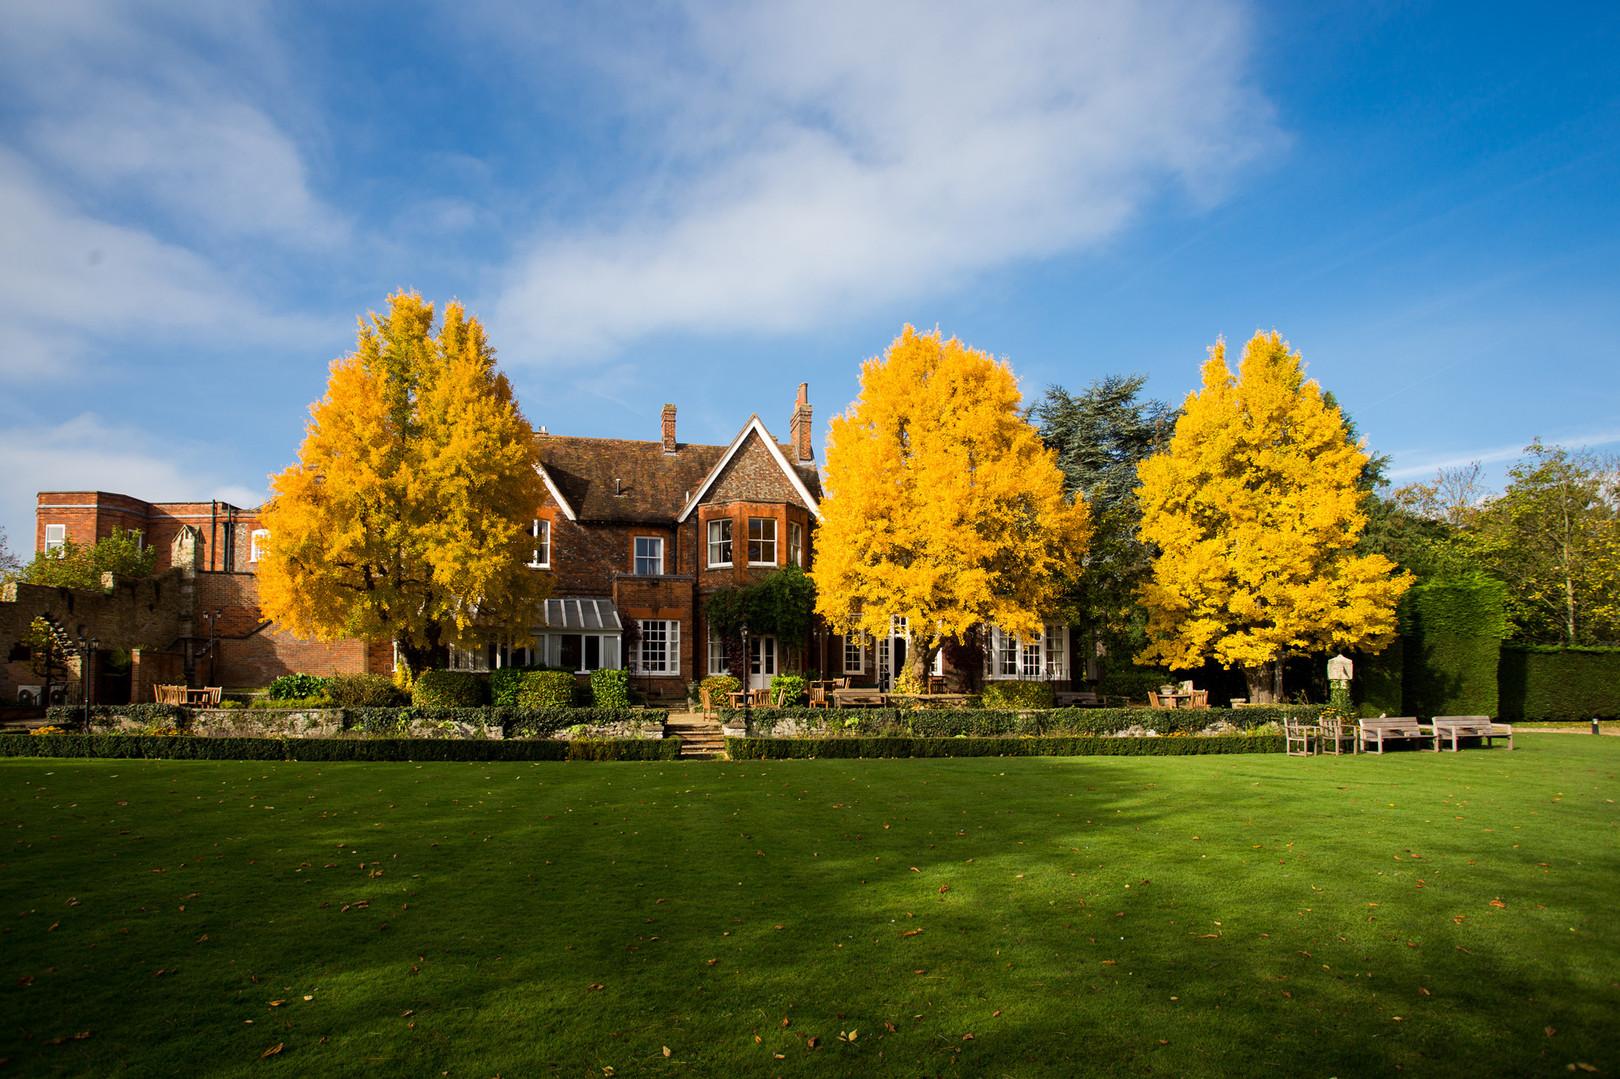 Cosener's House